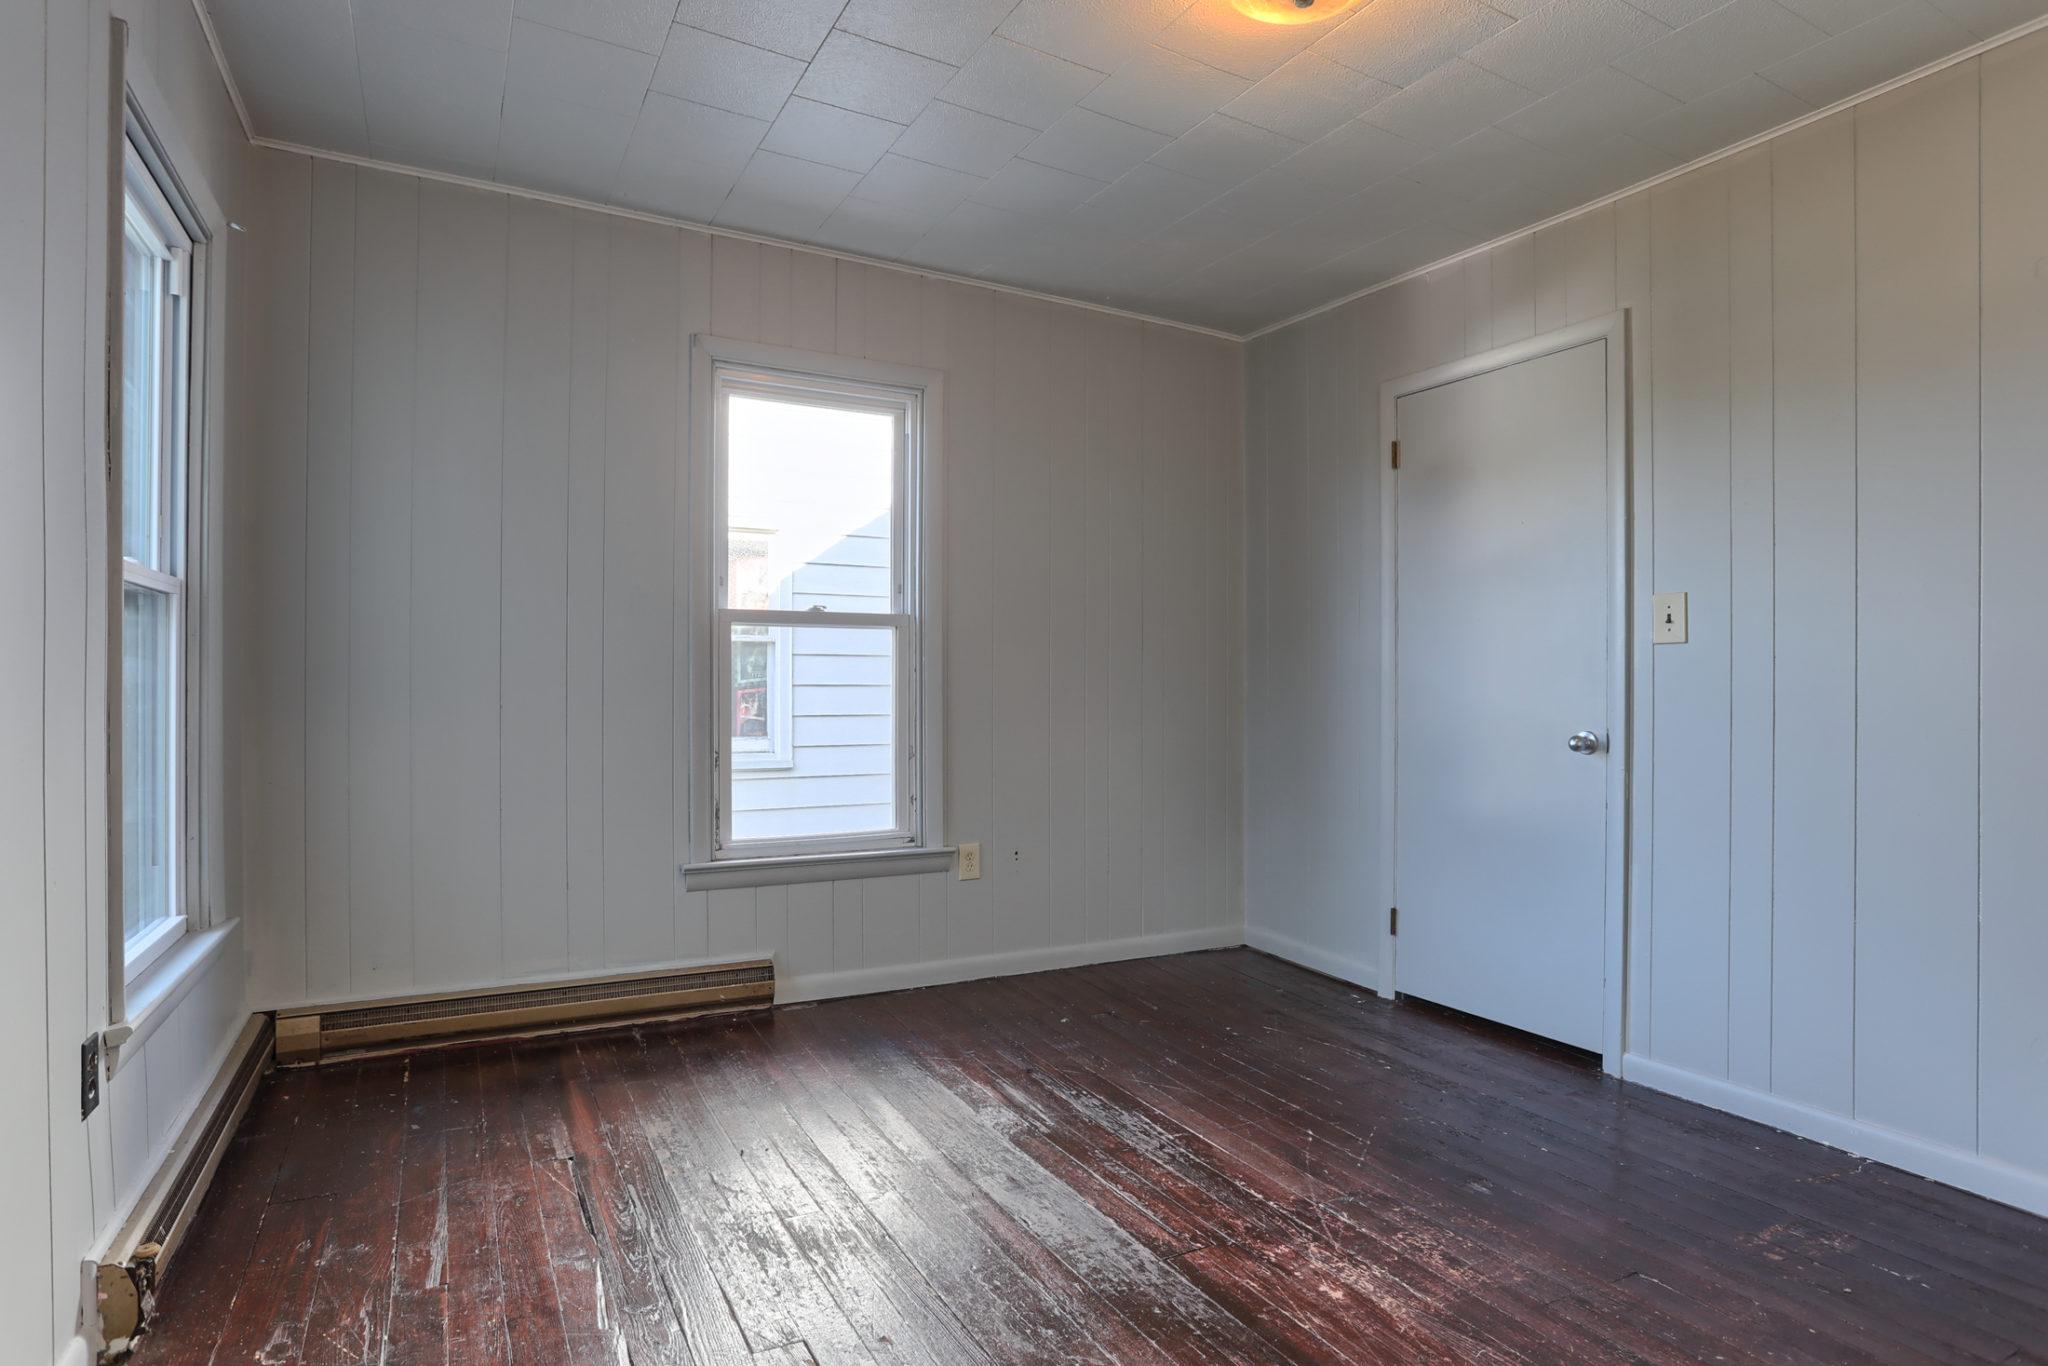 12 E. Maple Avenue - Bedroom 2